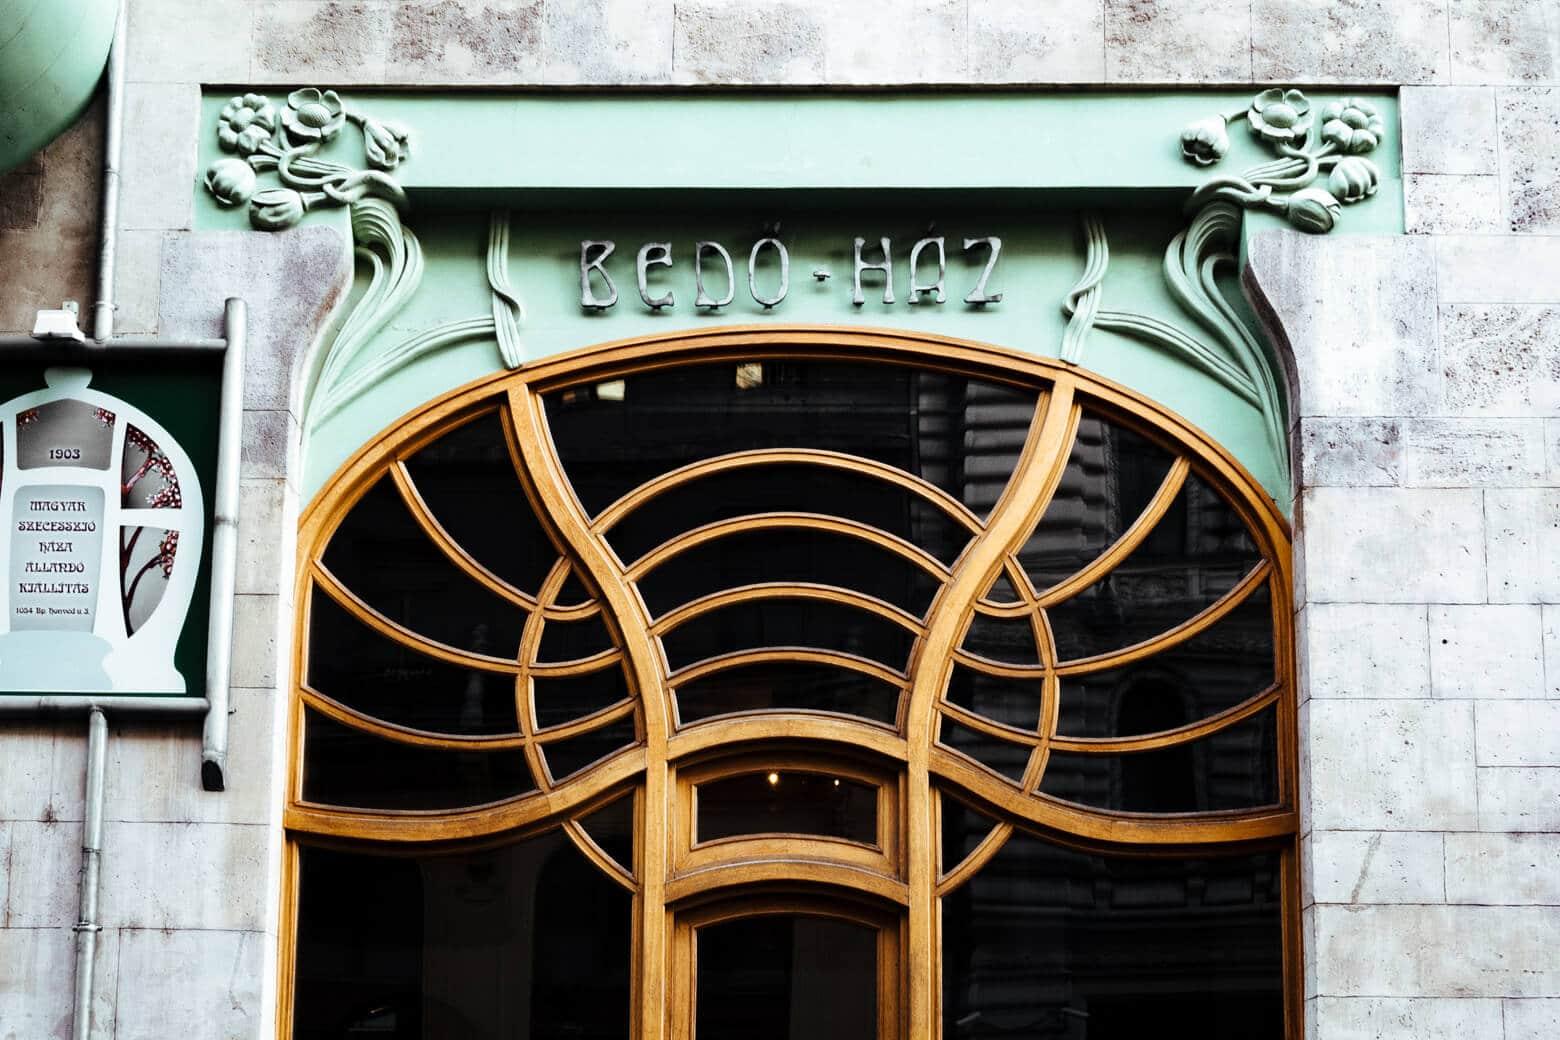 Bedo House Art Nouveau Museum